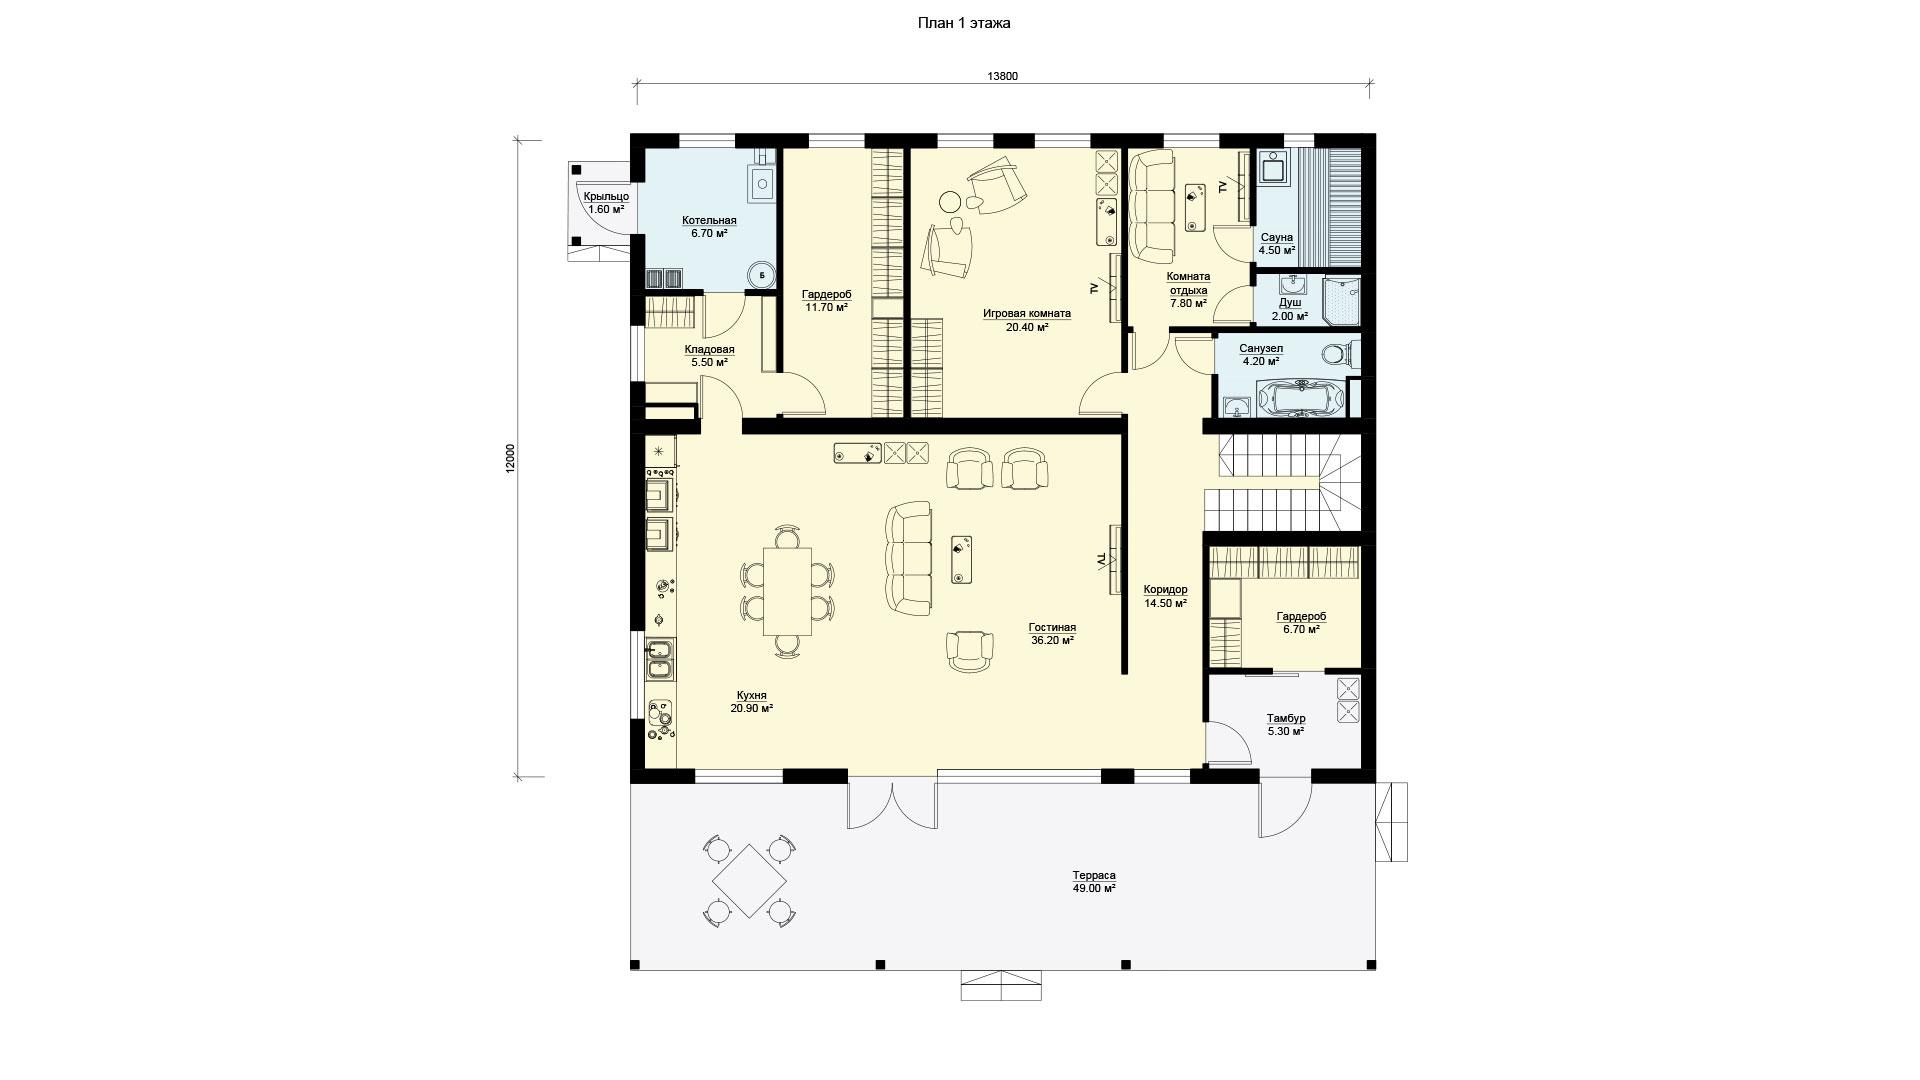 Планировка первого этажа двухэтажного дома с панорамным остеклением. Проект БЭНПАН БП-347.